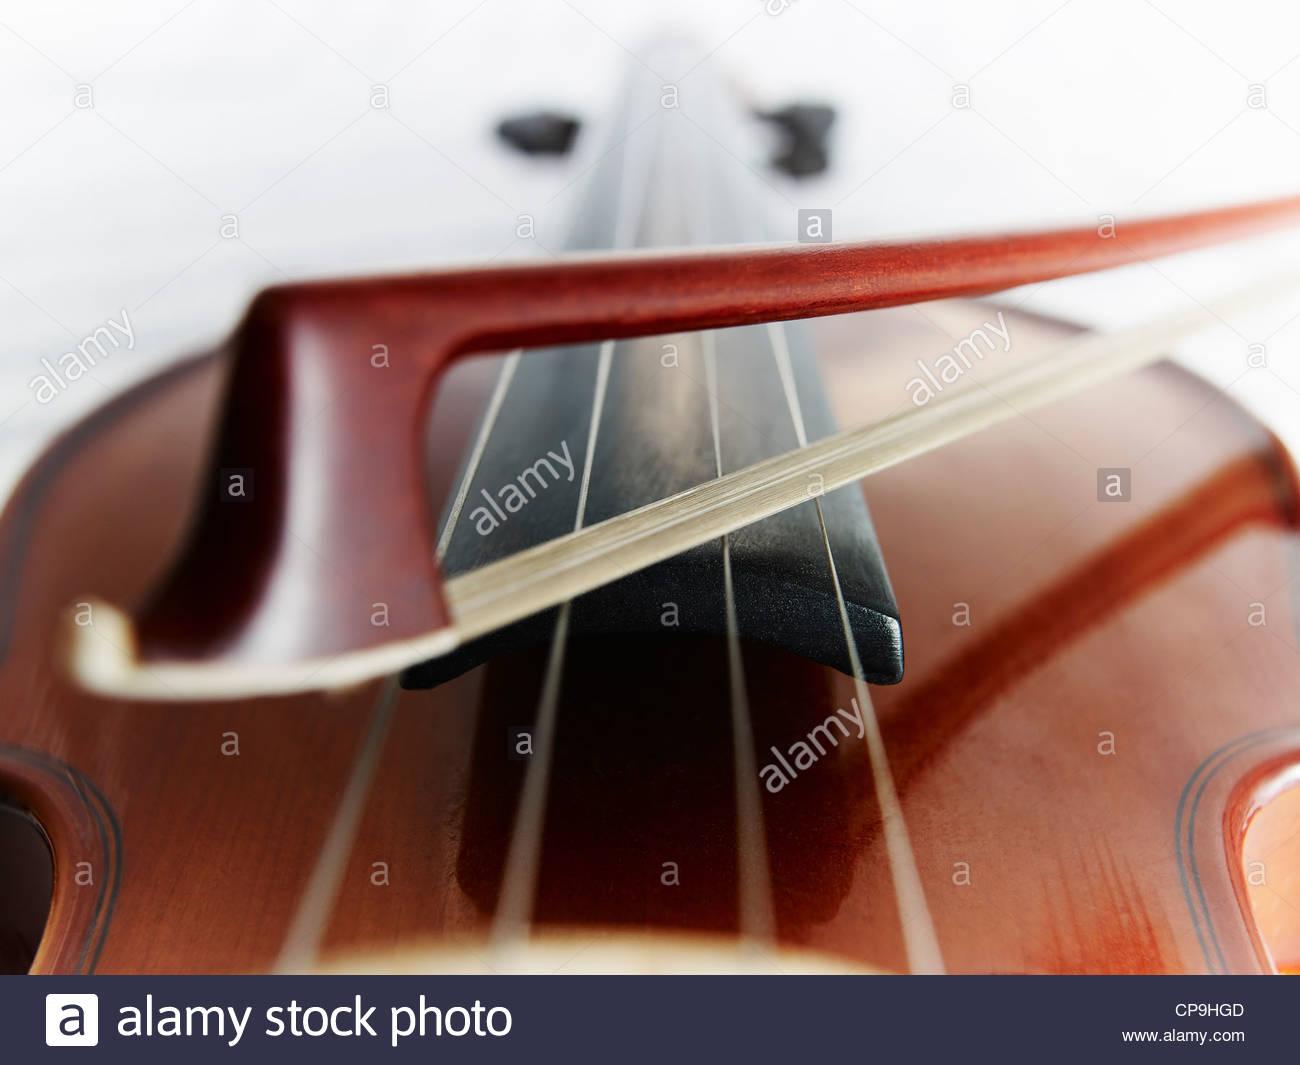 Bow,immagine a colori,dettaglio,entertainment,concentrarsi sul primo piano,full frame,orizzontale strumento,,basso Immagini Stock